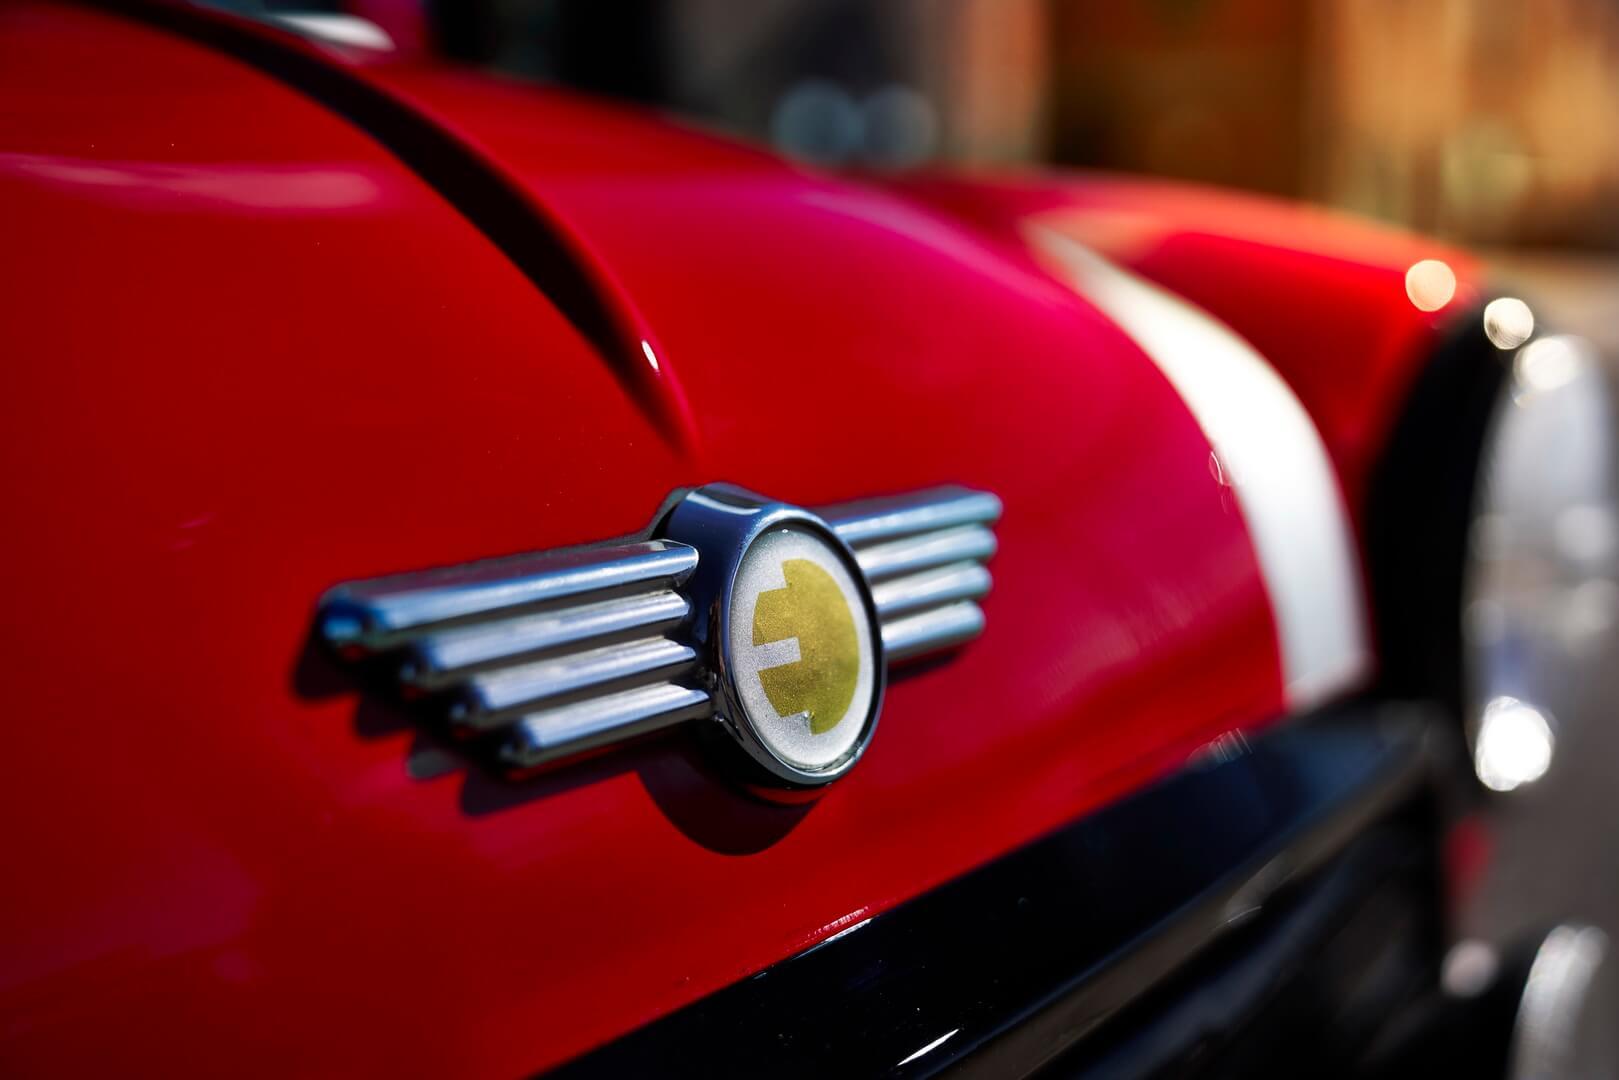 Шильдик, указывающий на электромобиль Mini Electric